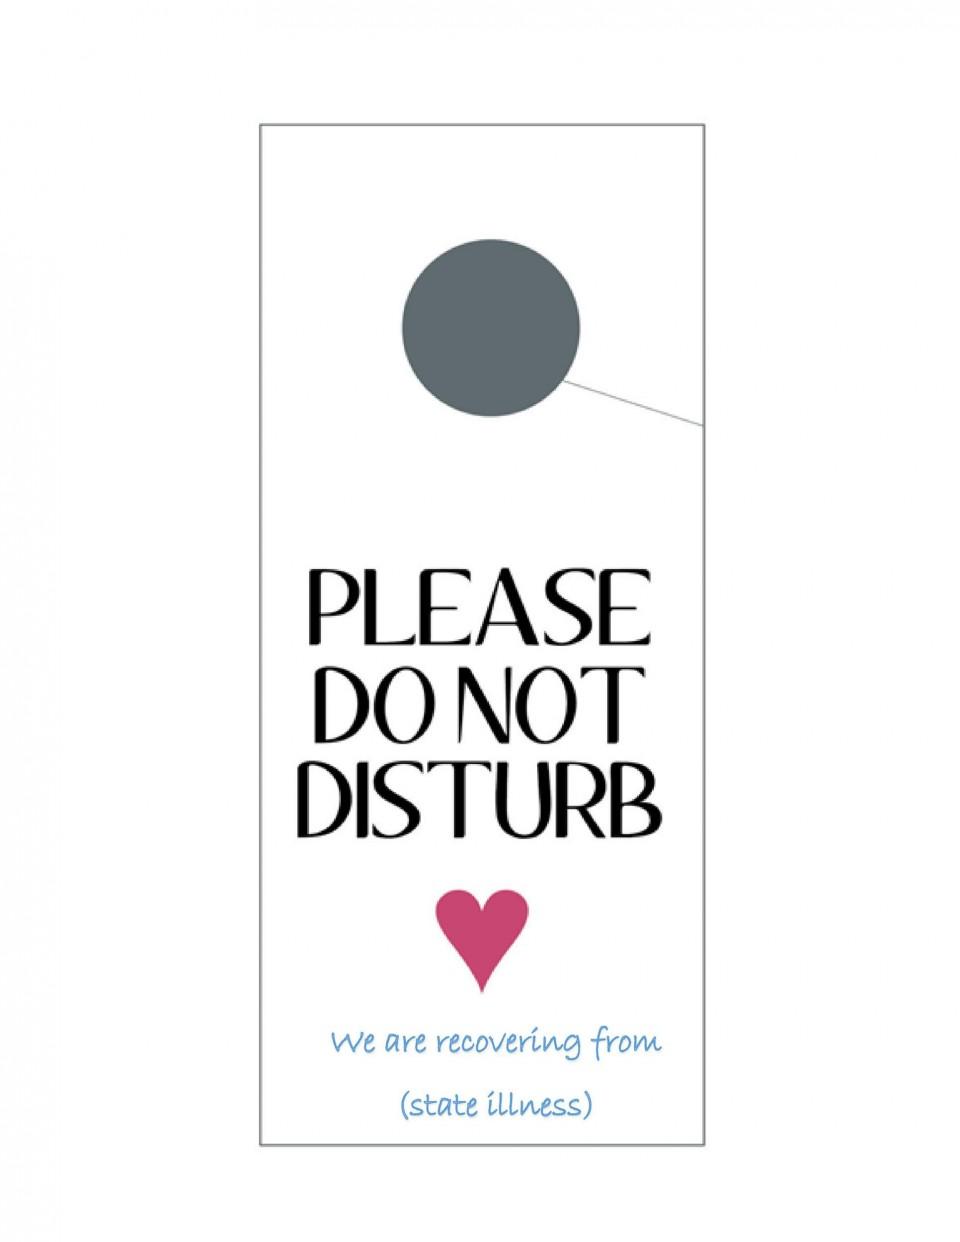 007 Exceptional Blank Door Hanger Template Free Design 960